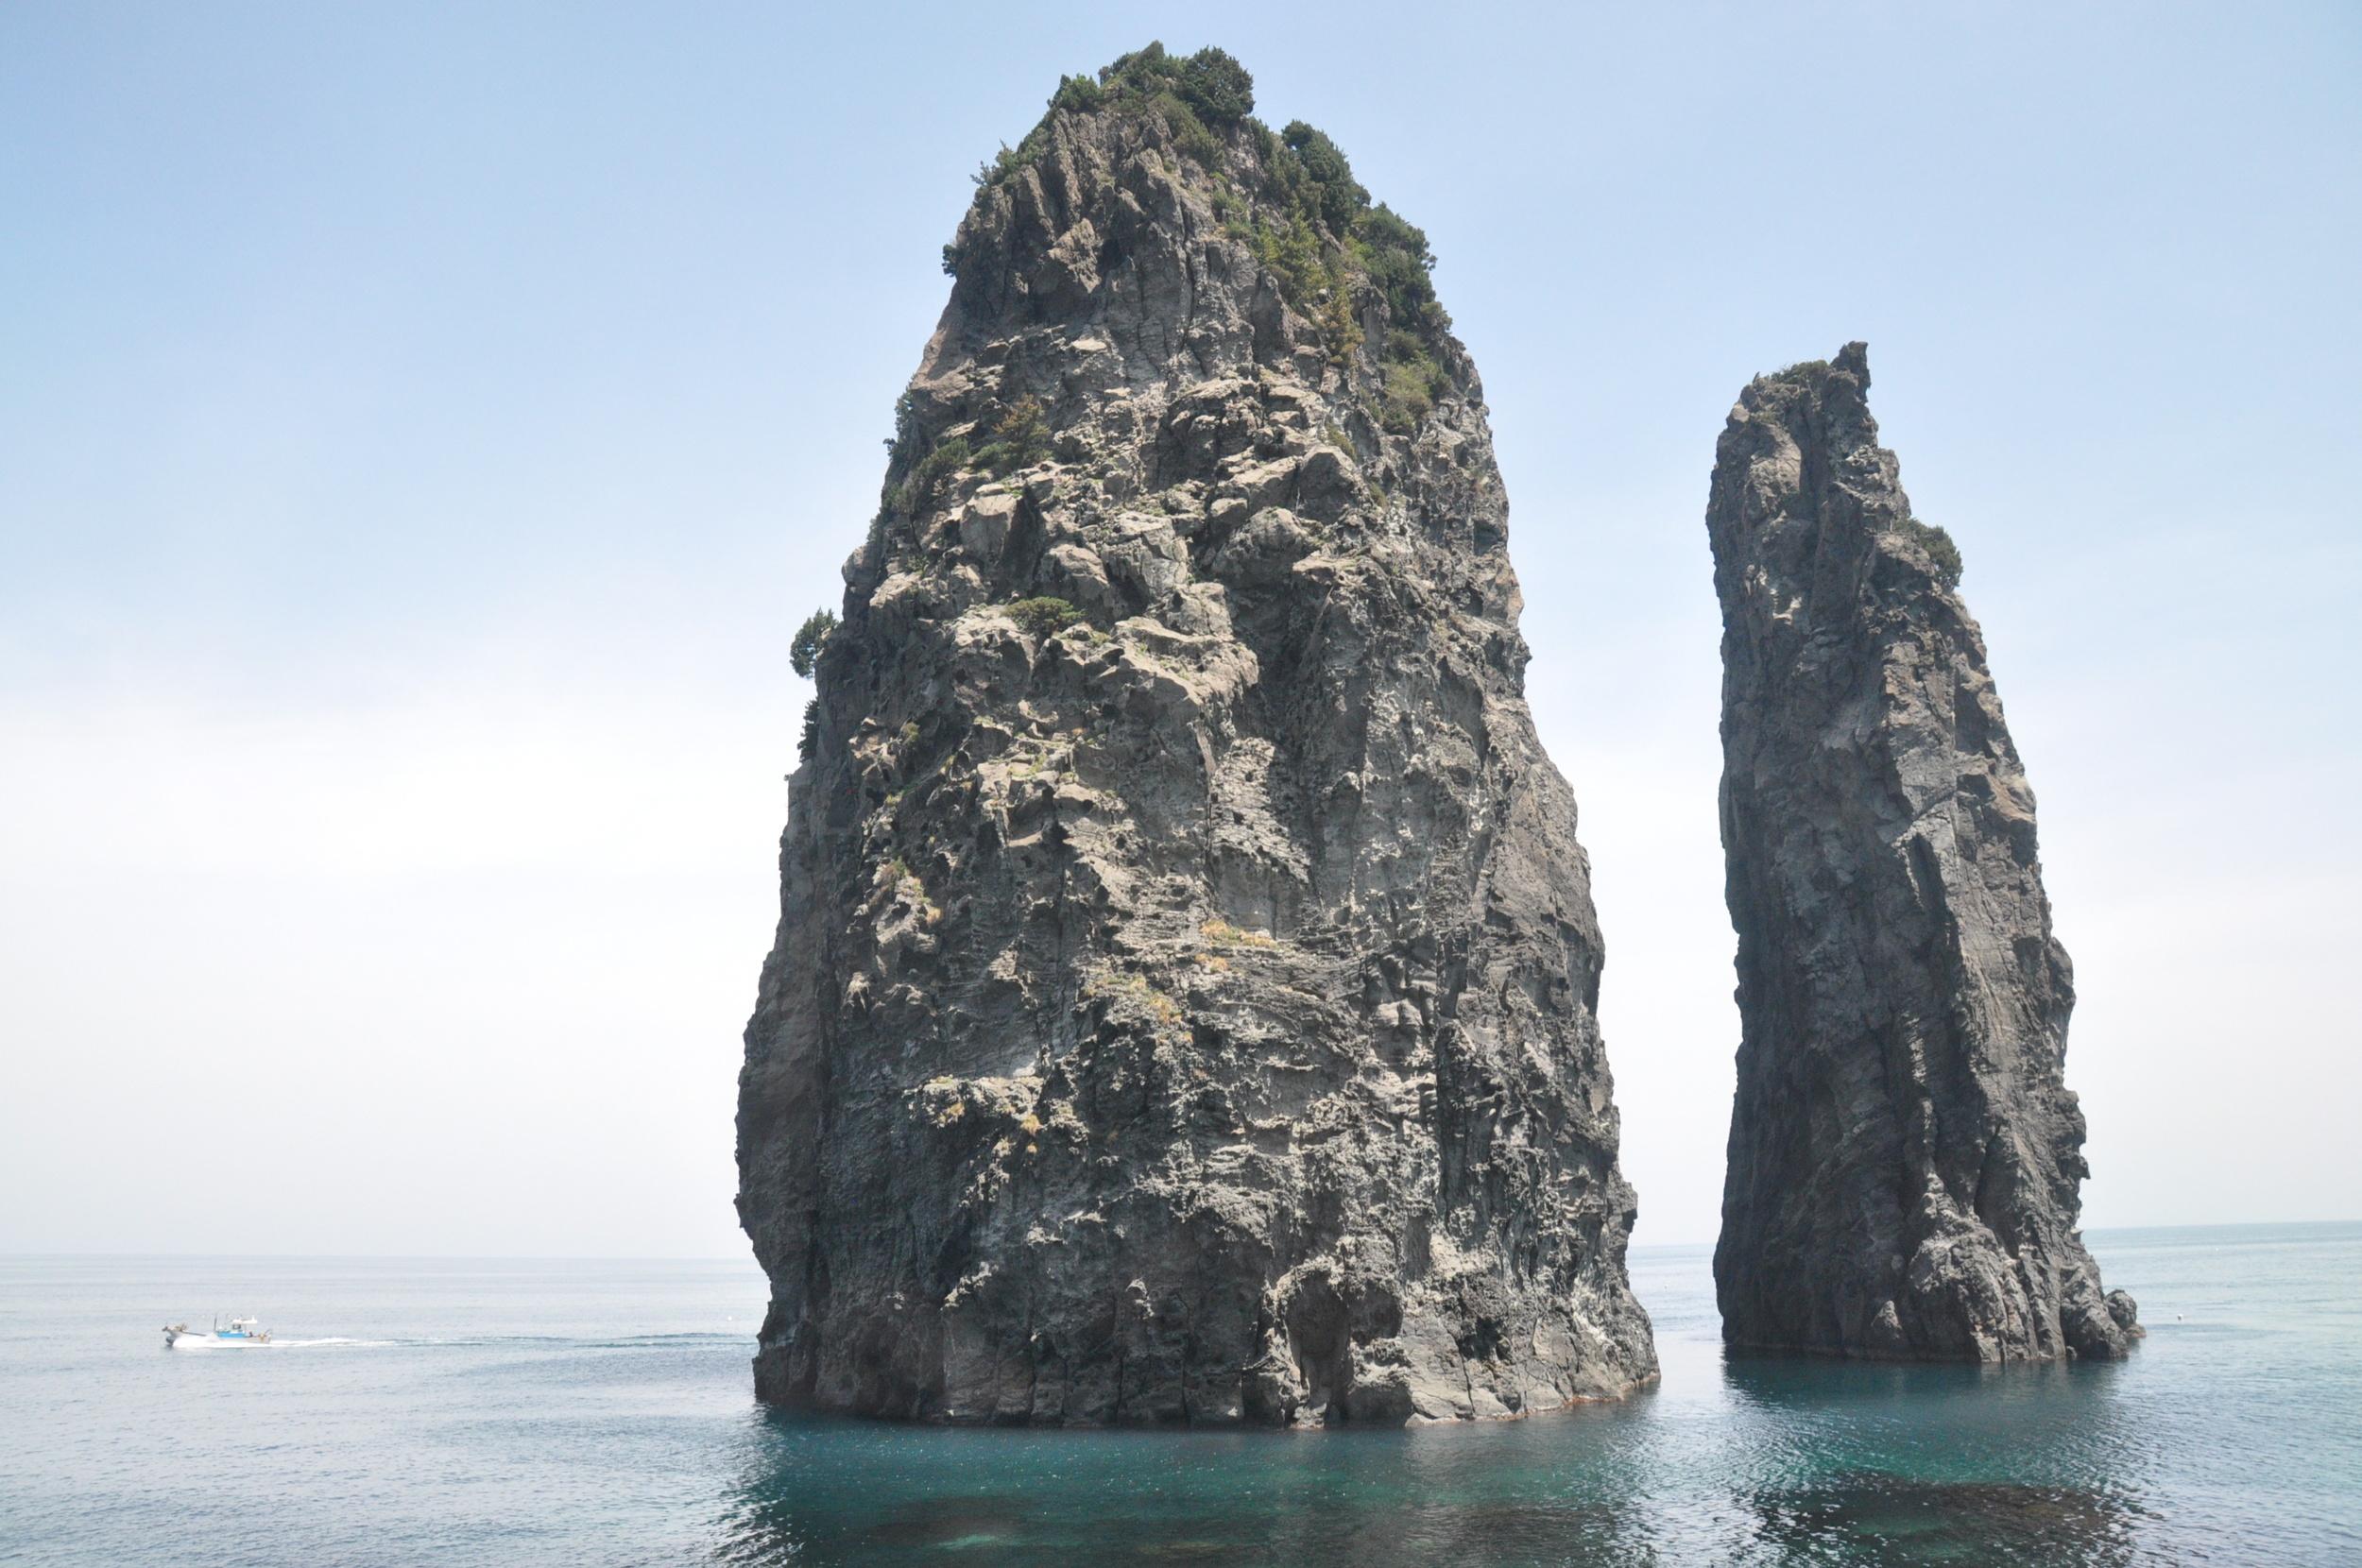 Ulleungdo Island Korea Three Sisters Rock